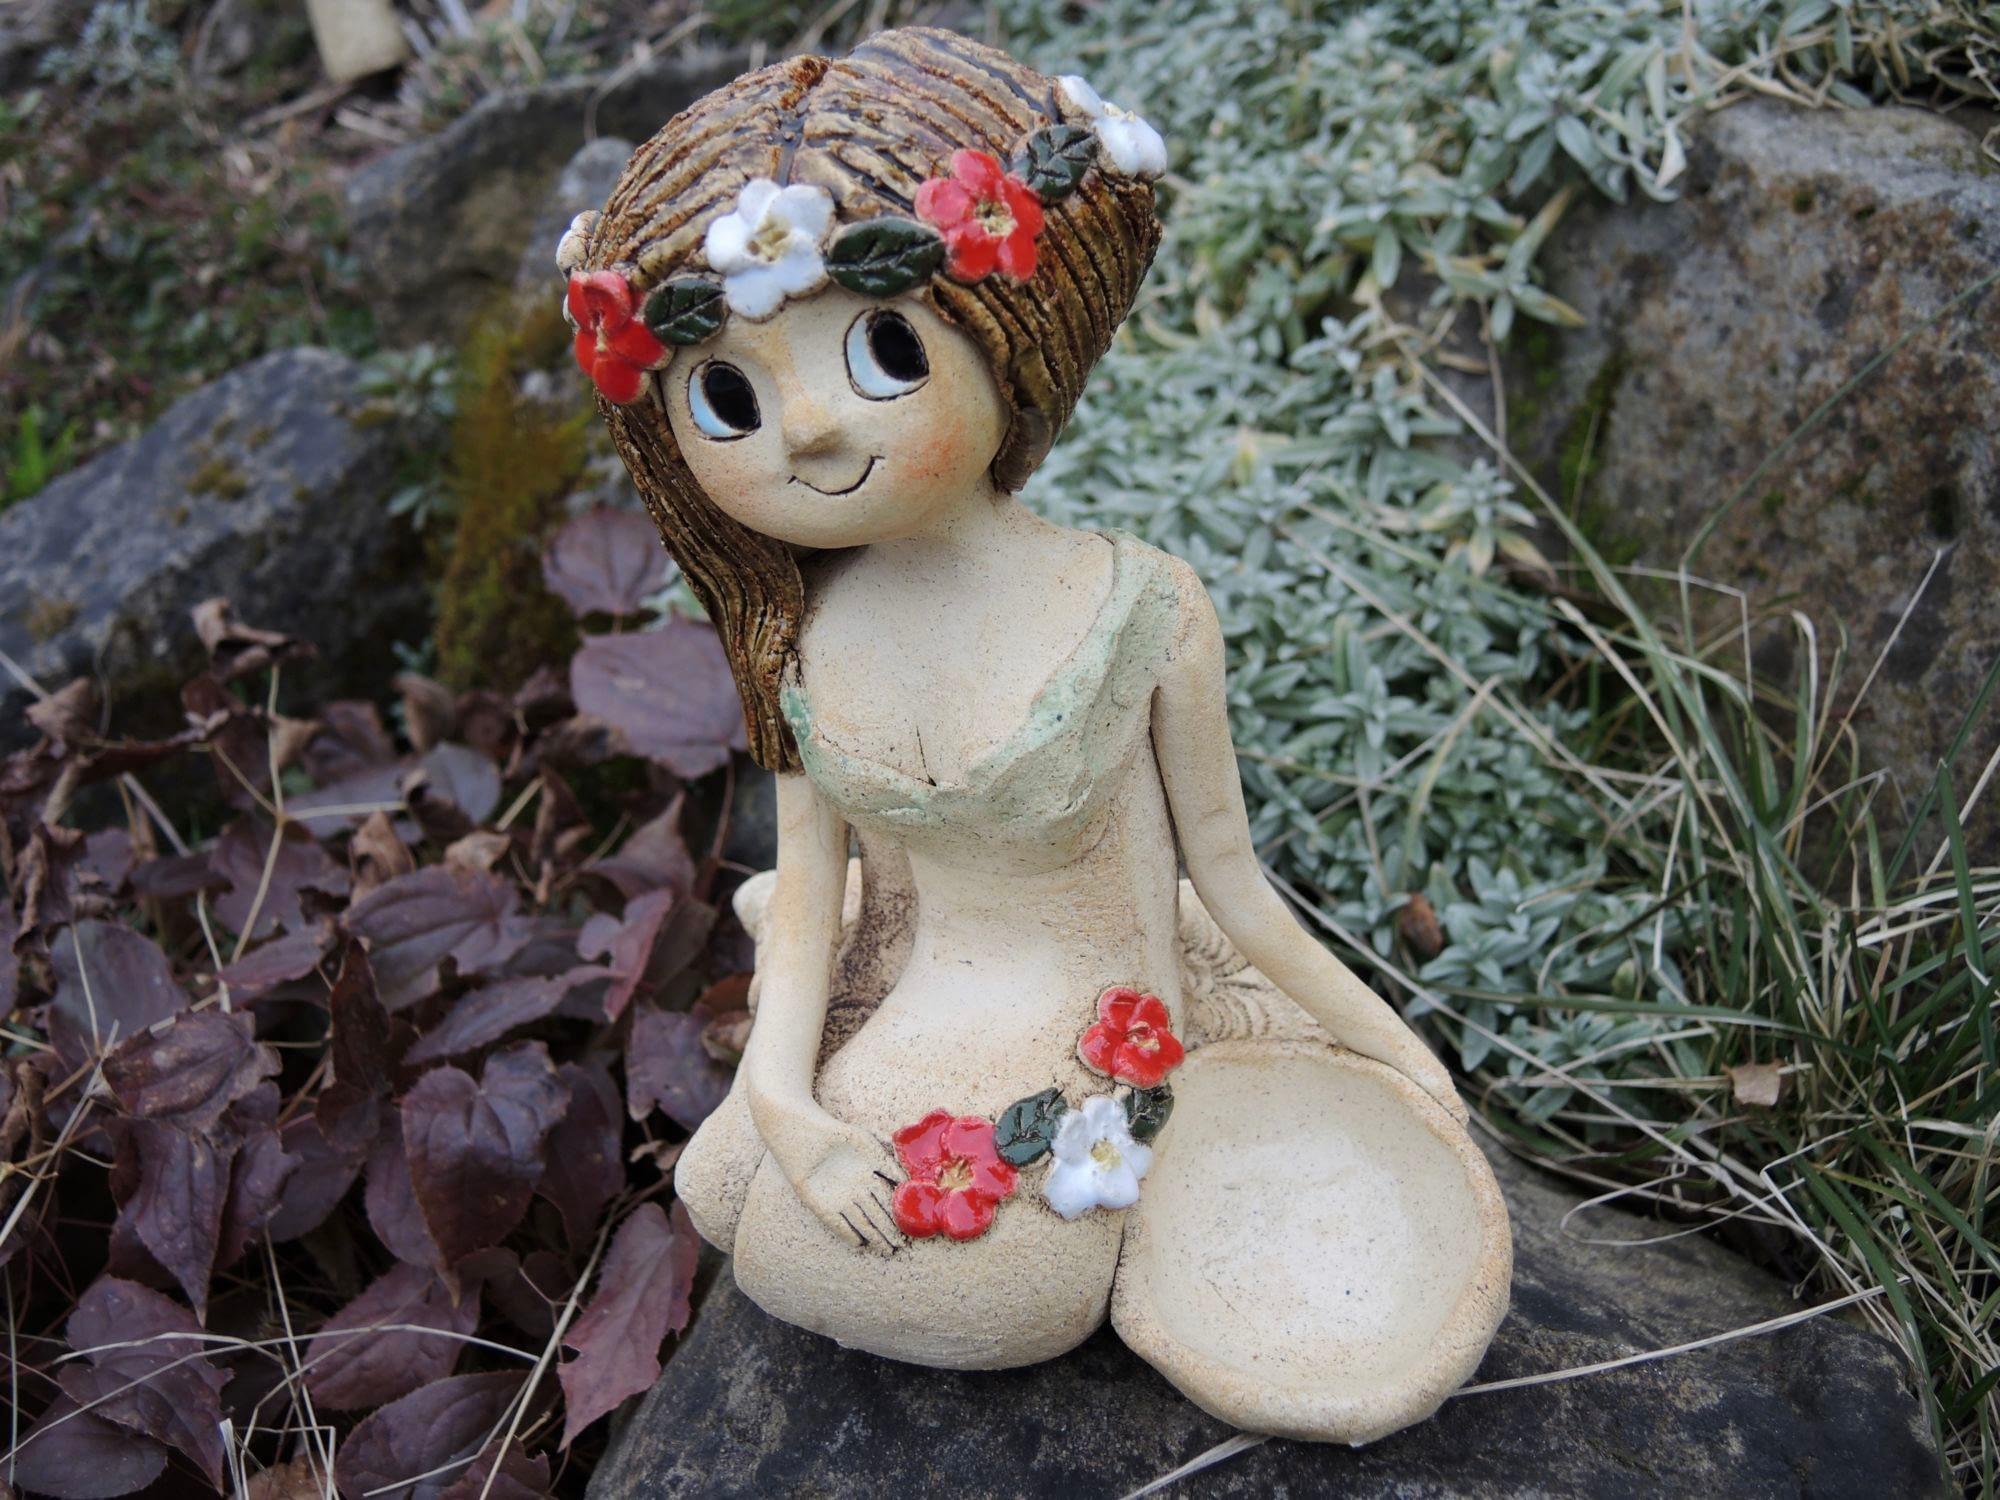 klečící víla věneček květy dekorace panenka soška figura keramika keramikaandee miska svíčka svícen